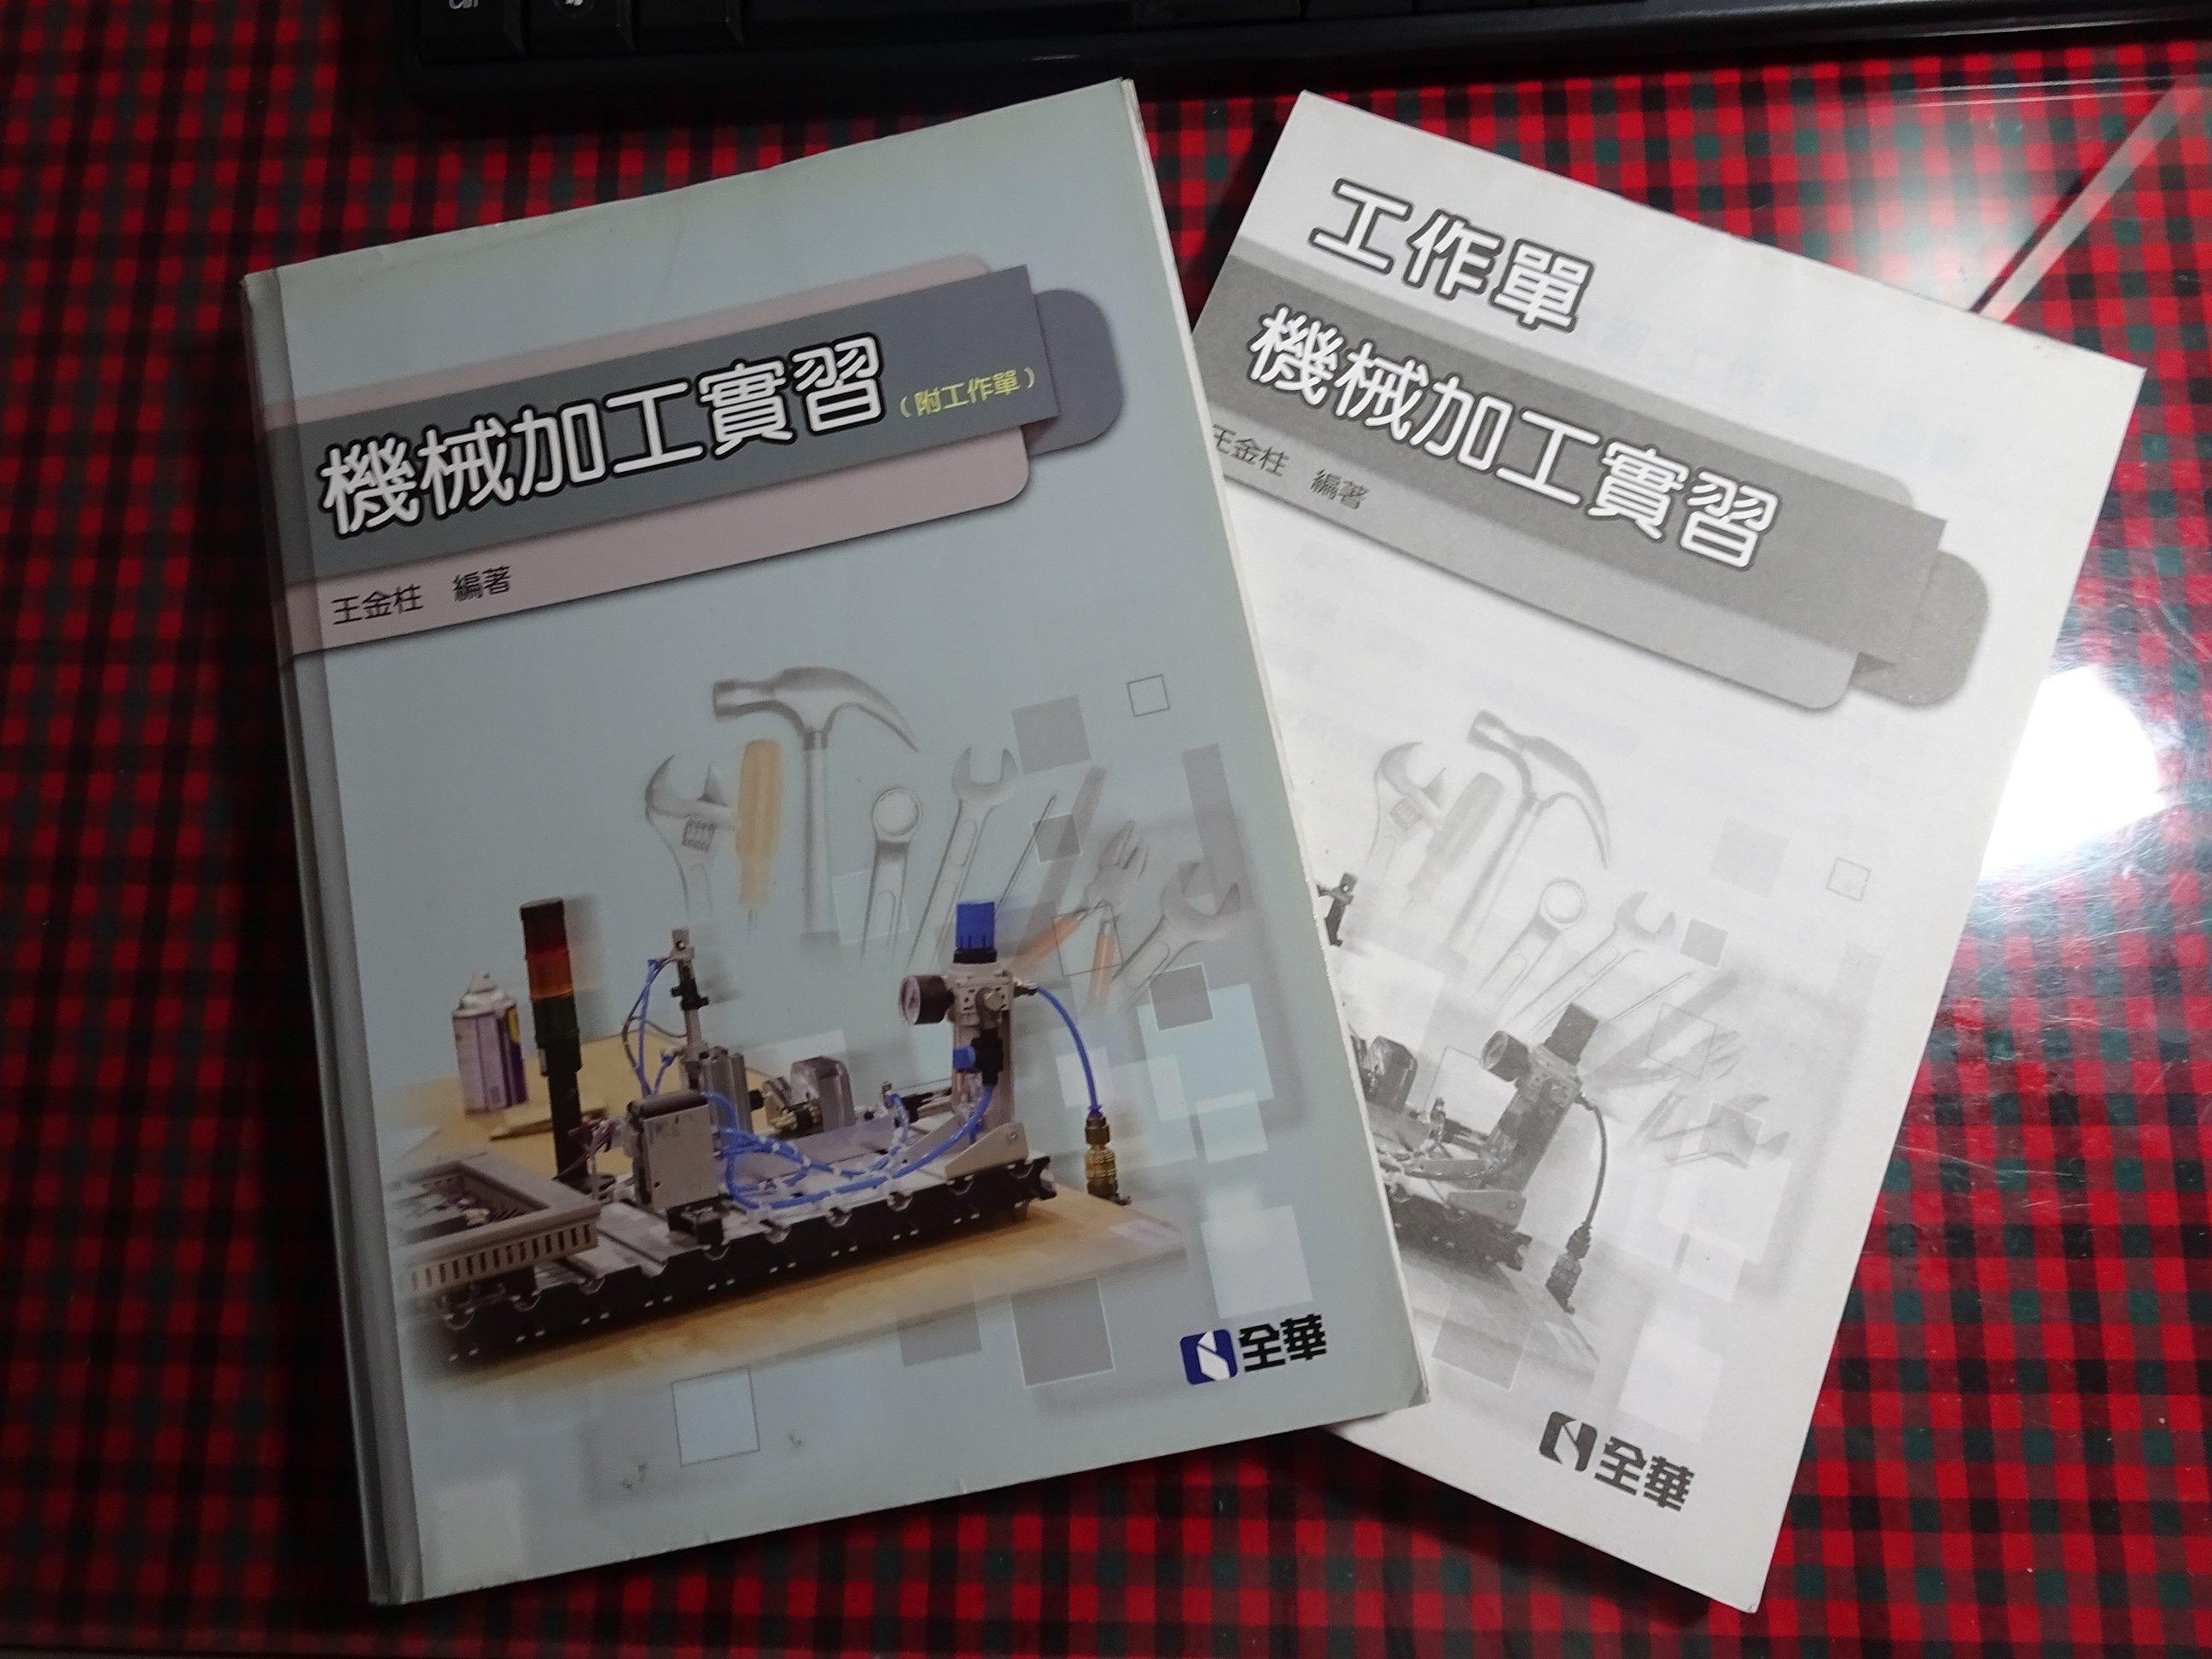 【鑽石城 書】高職教科書 99課綱 動力與機械群 機械加工實習 課本 附工作單 全華 無畫記